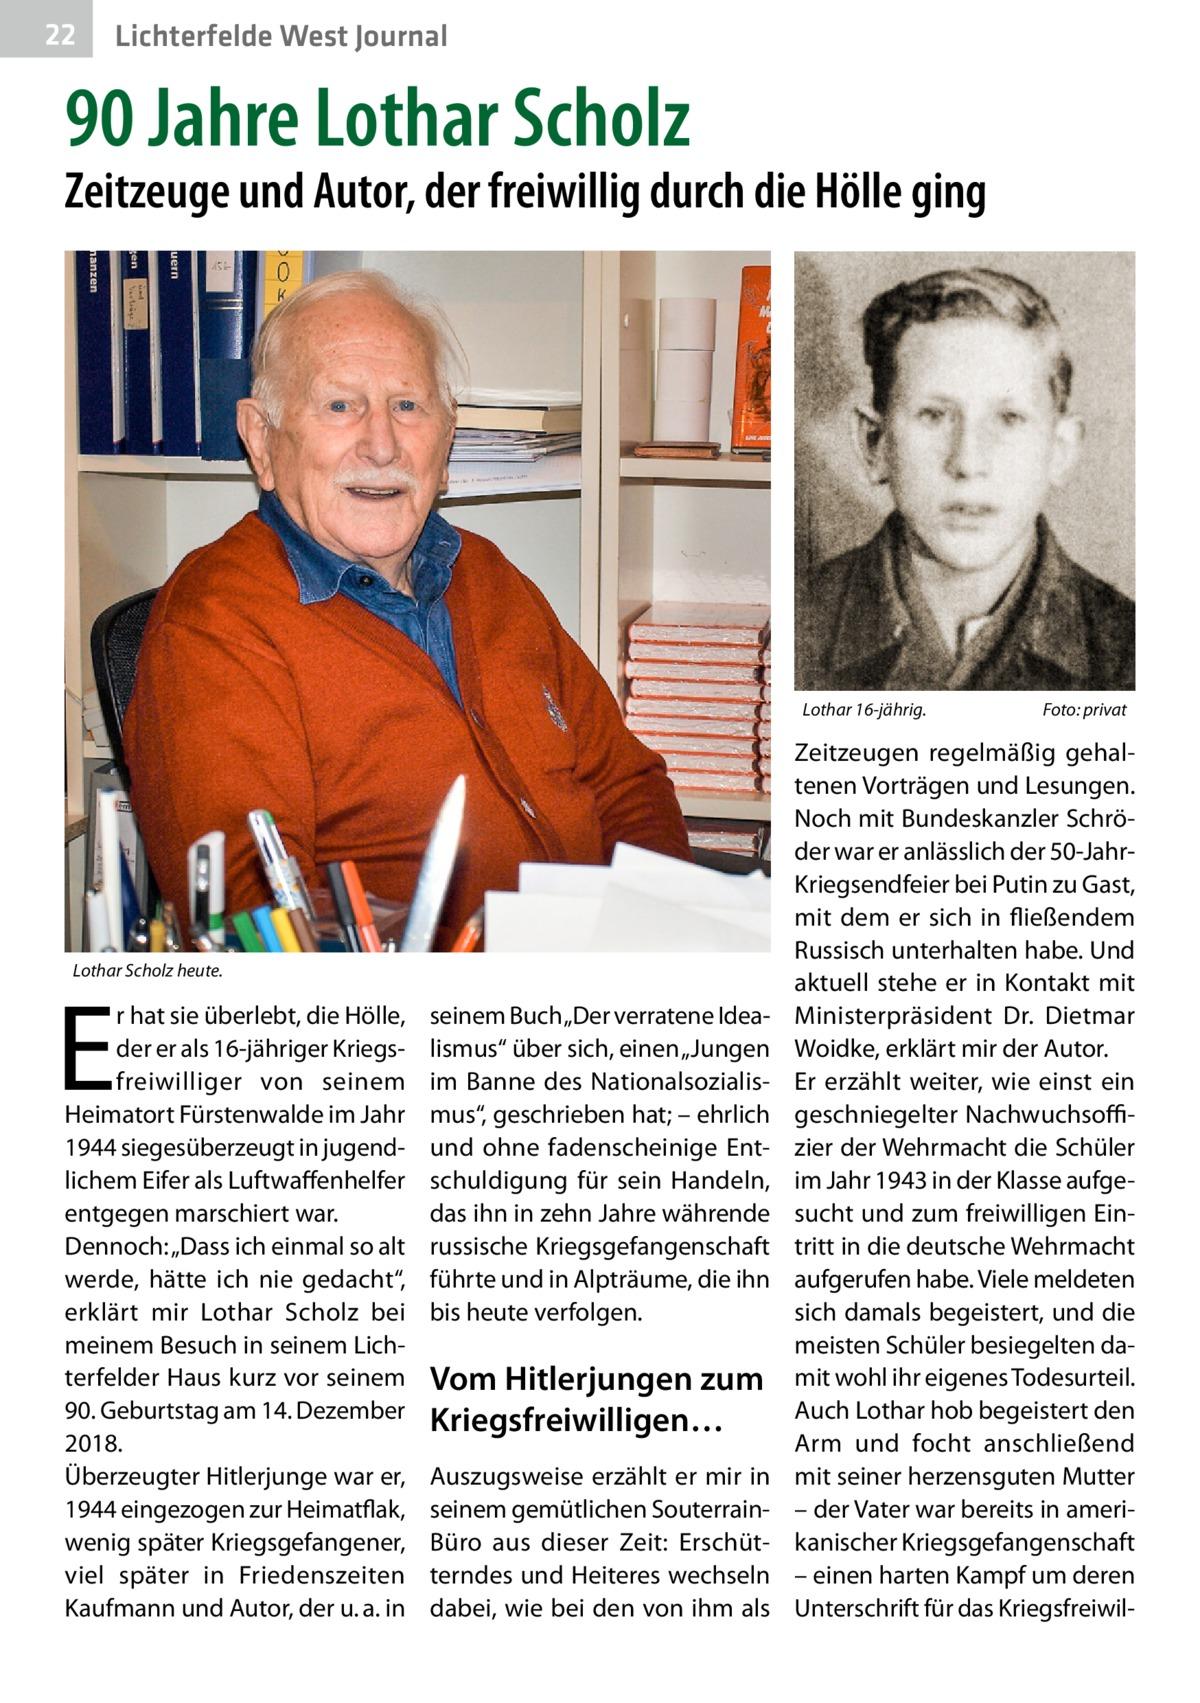 """22  Lichterfelde West Journal  90Jahre Lothar Scholz  Zeitzeuge und Autor, der freiwillig durch die Hölle ging  Lothar 16-jährig.�  Lothar Scholz heute.  E  r hat sie überlebt, die Hölle, der er als 16-jähriger Kriegsfreiwilliger von seinem Heimatort Fürstenwalde im Jahr 1944 siegesüberzeugt in jugendlichem Eifer als Luftwaffenhelfer entgegen marschiert war. Dennoch: """"Dass ich einmal so alt werde, hätte ich nie gedacht"""", erklärt mir Lothar Scholz bei meinem Besuch in seinem Lichterfelder Haus kurz vor seinem 90.Geburtstag am 14.Dezember 2018. Überzeugter Hitlerjunge war er, 1944 eingezogen zur Heimatflak, wenig später Kriegsgefangener, viel später in Friedenszeiten Kaufmann und Autor, der u.a. in  seinem Buch """"Der verratene Idealismus"""" über sich, einen """"Jungen im Banne des Nationalsozialismus"""", geschrieben hat; – ehrlich und ohne fadenscheinige Entschuldigung für sein Handeln, das ihn in zehn Jahre währende russische Kriegsgefangenschaft führte und in Alpträume, die ihn bis heute verfolgen.  Vom Hitlerjungen zum Kriegsfreiwilligen… Auszugsweise erzählt er mir in seinem gemütlichen SouterrainBüro aus dieser Zeit: Erschütterndes und Heiteres wechseln dabei, wie bei den von ihm als  Foto: privat  Zeitzeugen regelmäßig gehaltenen Vorträgen und Lesungen. Noch mit Bundeskanzler Schröder war er anlässlich der 50-JahrKriegsendfeier bei Putin zu Gast, mit dem er sich in fließendem Russisch unterhalten habe. Und aktuell stehe er in Kontakt mit Ministerpräsident Dr. Dietmar Woidke, erklärt mir der Autor. Er erzählt weiter, wie einst ein geschniegelter Nachwuchsoffizier der Wehrmacht die Schüler im Jahr 1943 in der Klasse aufgesucht und zum freiwilligen Eintritt in die deutsche Wehrmacht aufgerufen habe. Viele meldeten sich damals begeistert, und die meisten Schüler besiegelten damit wohl ihr eigenes Todesurteil. Auch Lothar hob begeistert den Arm und focht anschließend mit seiner herzensguten Mutter – der Vater war bereits in amerikanischer Kriegsgefangenschaft – einen harten """